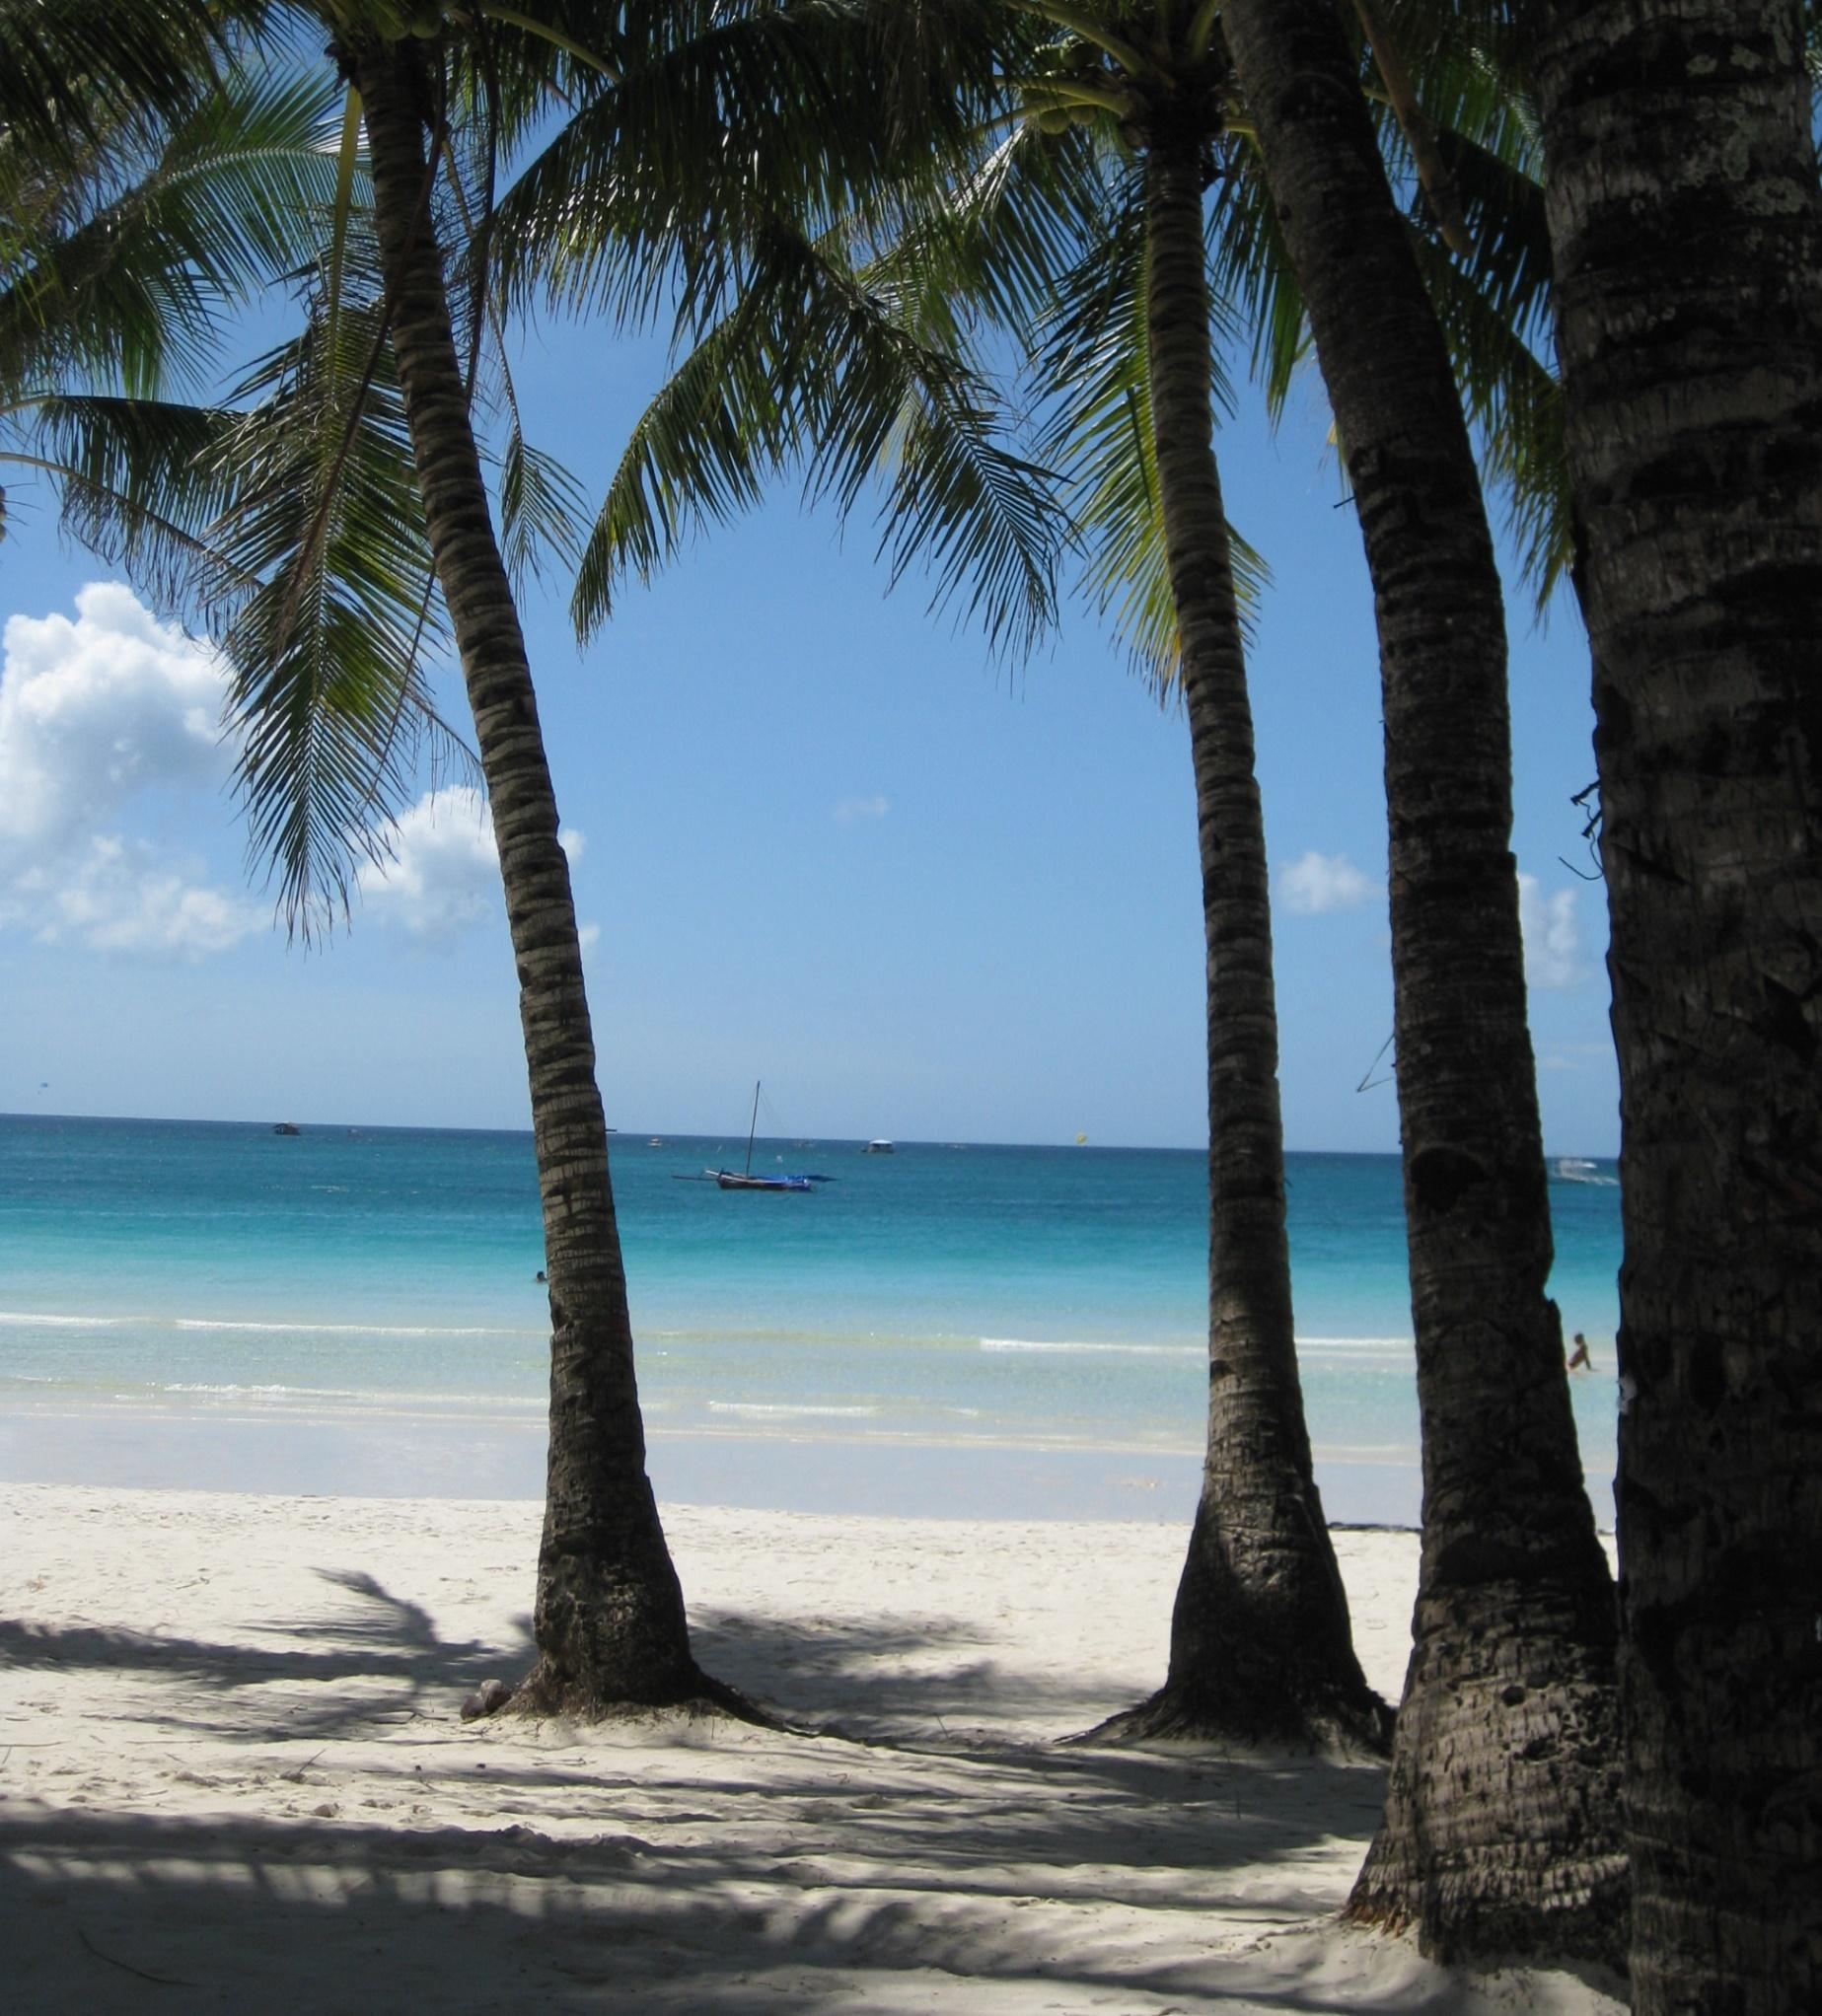 Palmer på ön Boracay i Filippinerna